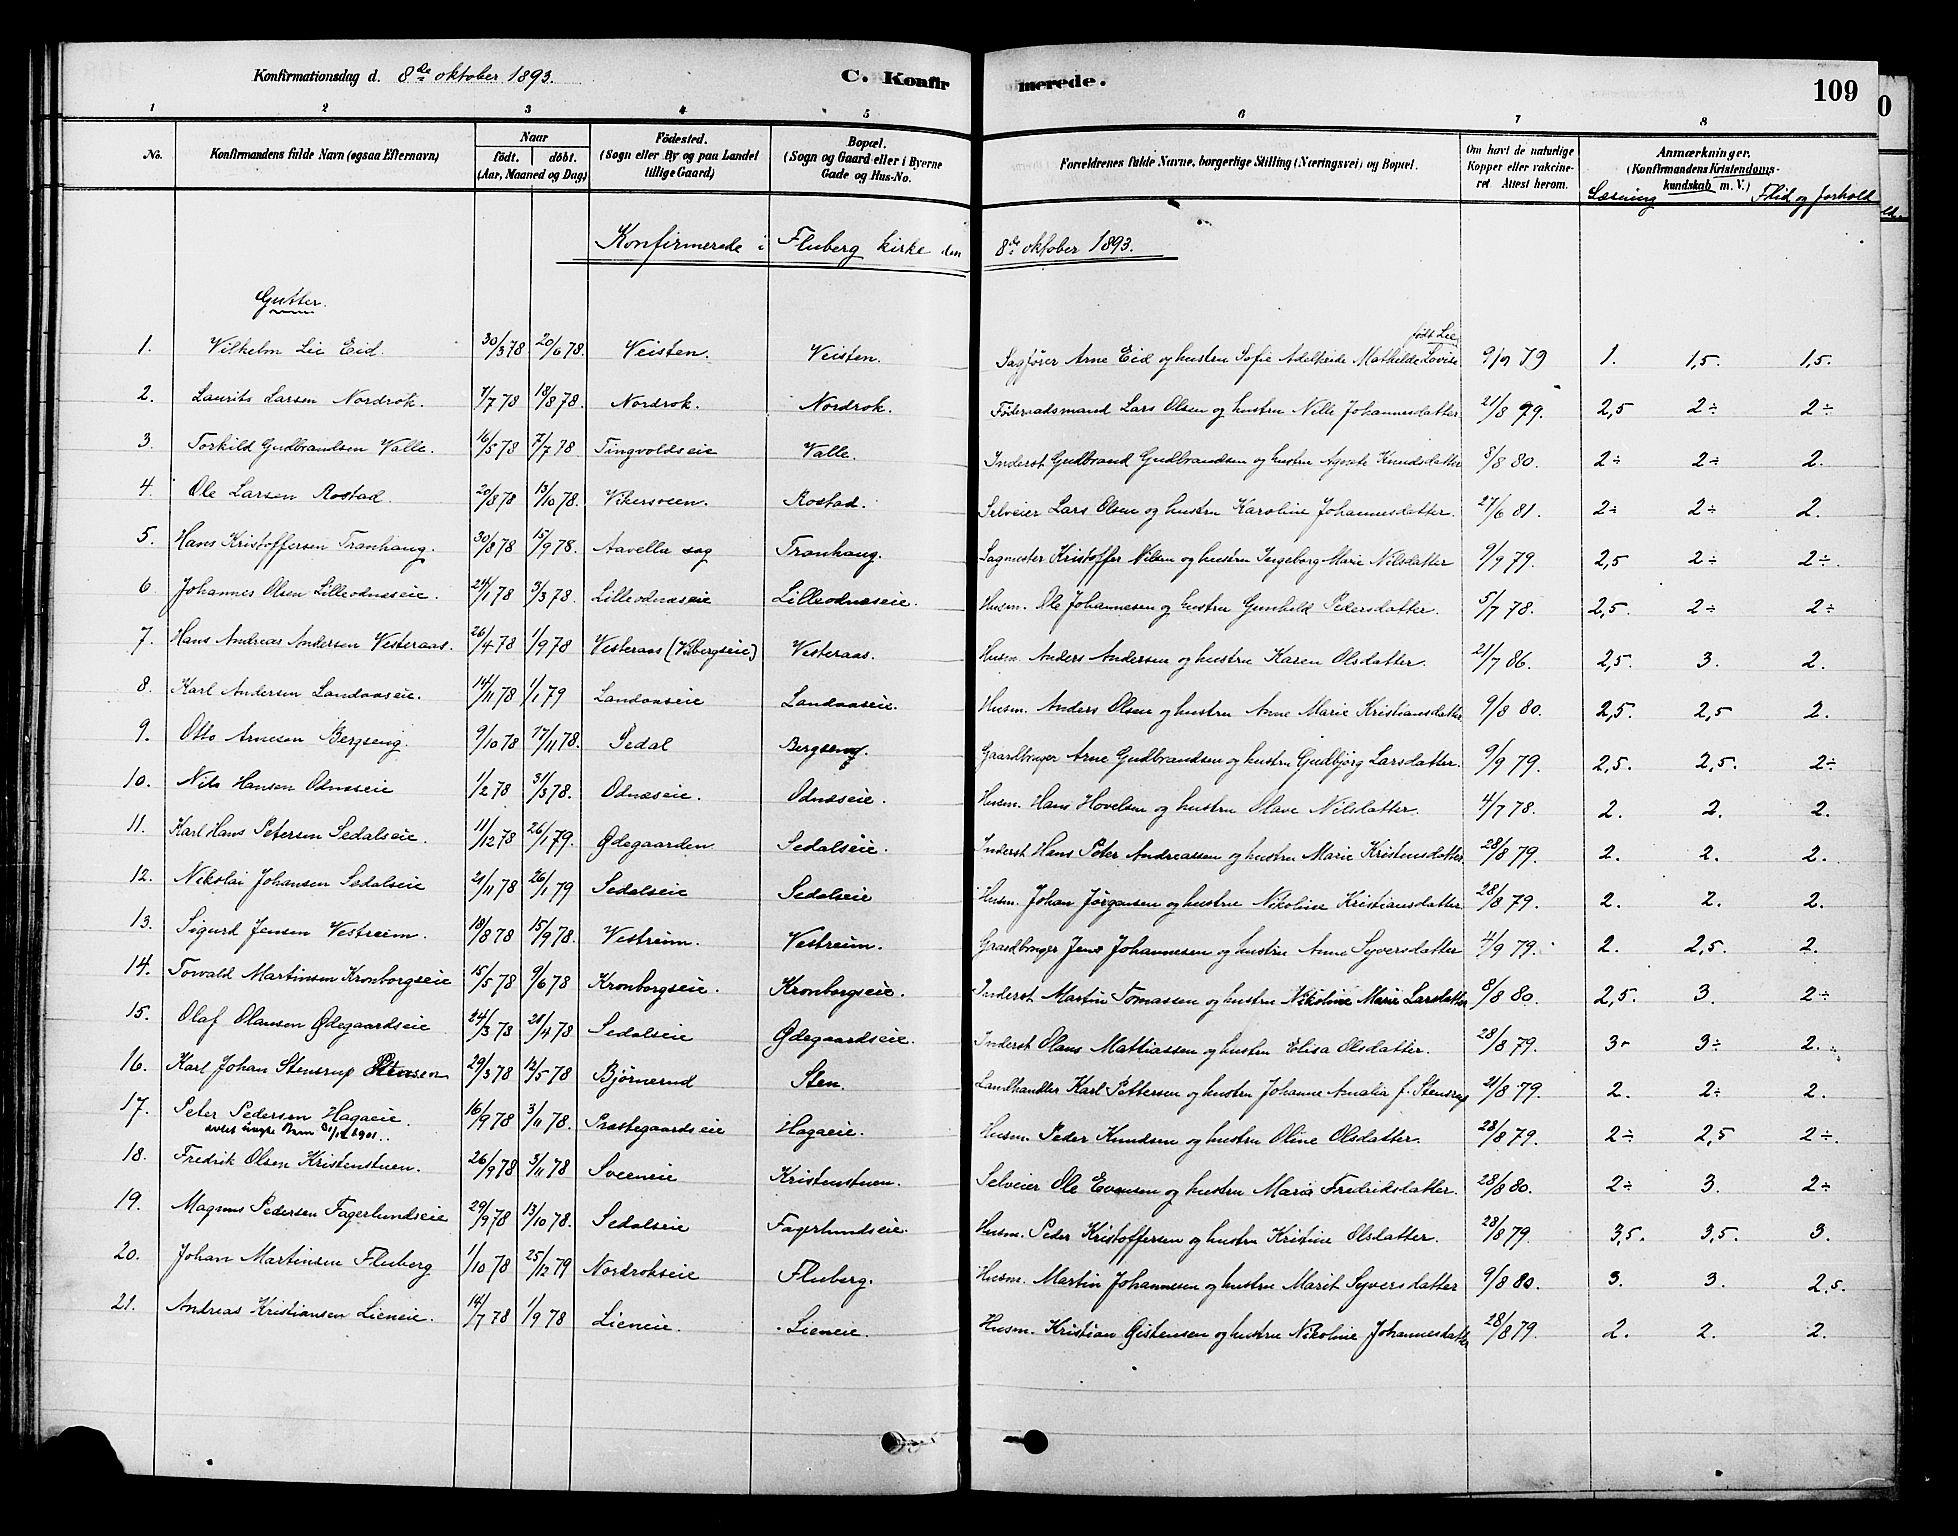 SAH, Søndre Land prestekontor, K/L0002: Ministerialbok nr. 2, 1878-1894, s. 109